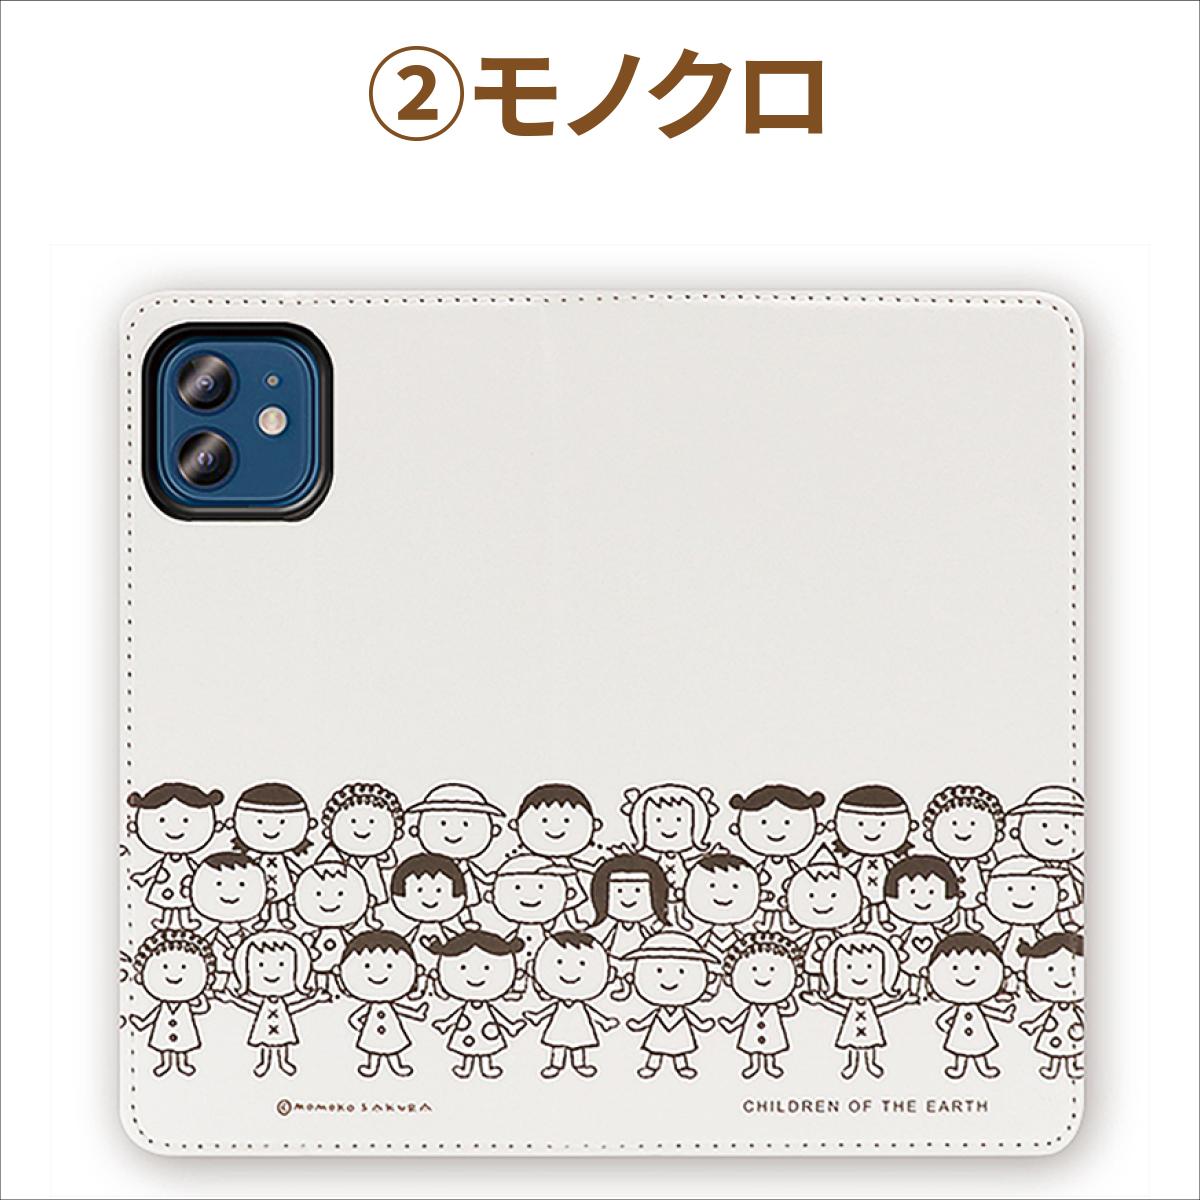 さくらももこ 地球の子供たち Xiaomi ケース Redmi Note 10 Pro 9T Note 9T Note 9S Mi 10 Lite 5G Mi Note 10 Pro Mi 11 Lite 5G 手帳型 シャオミ ミーノートテン 手帳型 カバー スマホケース 薄い ベルト無し  手帳型カバー カード収納 パス入れ ブック型カバー 軽い